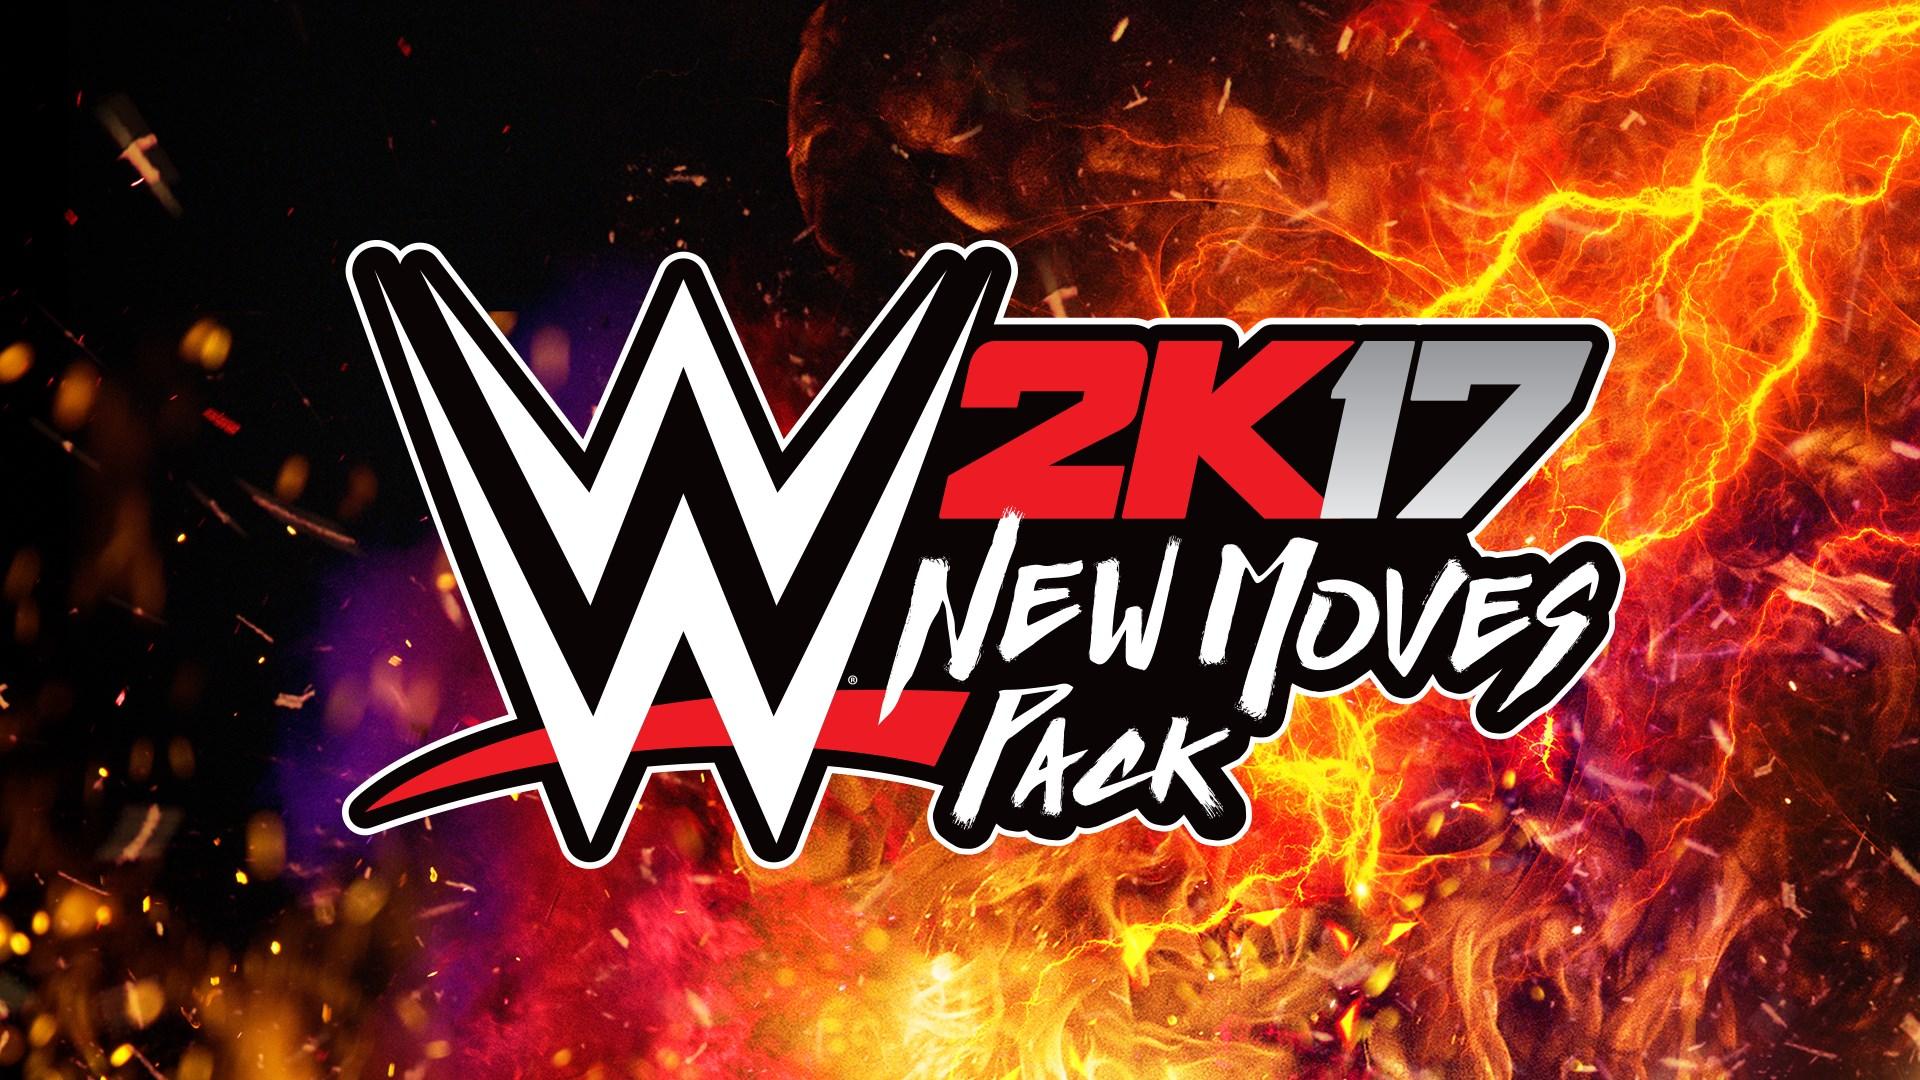 WWE 2K17 ニュームーブス パック(英語版)